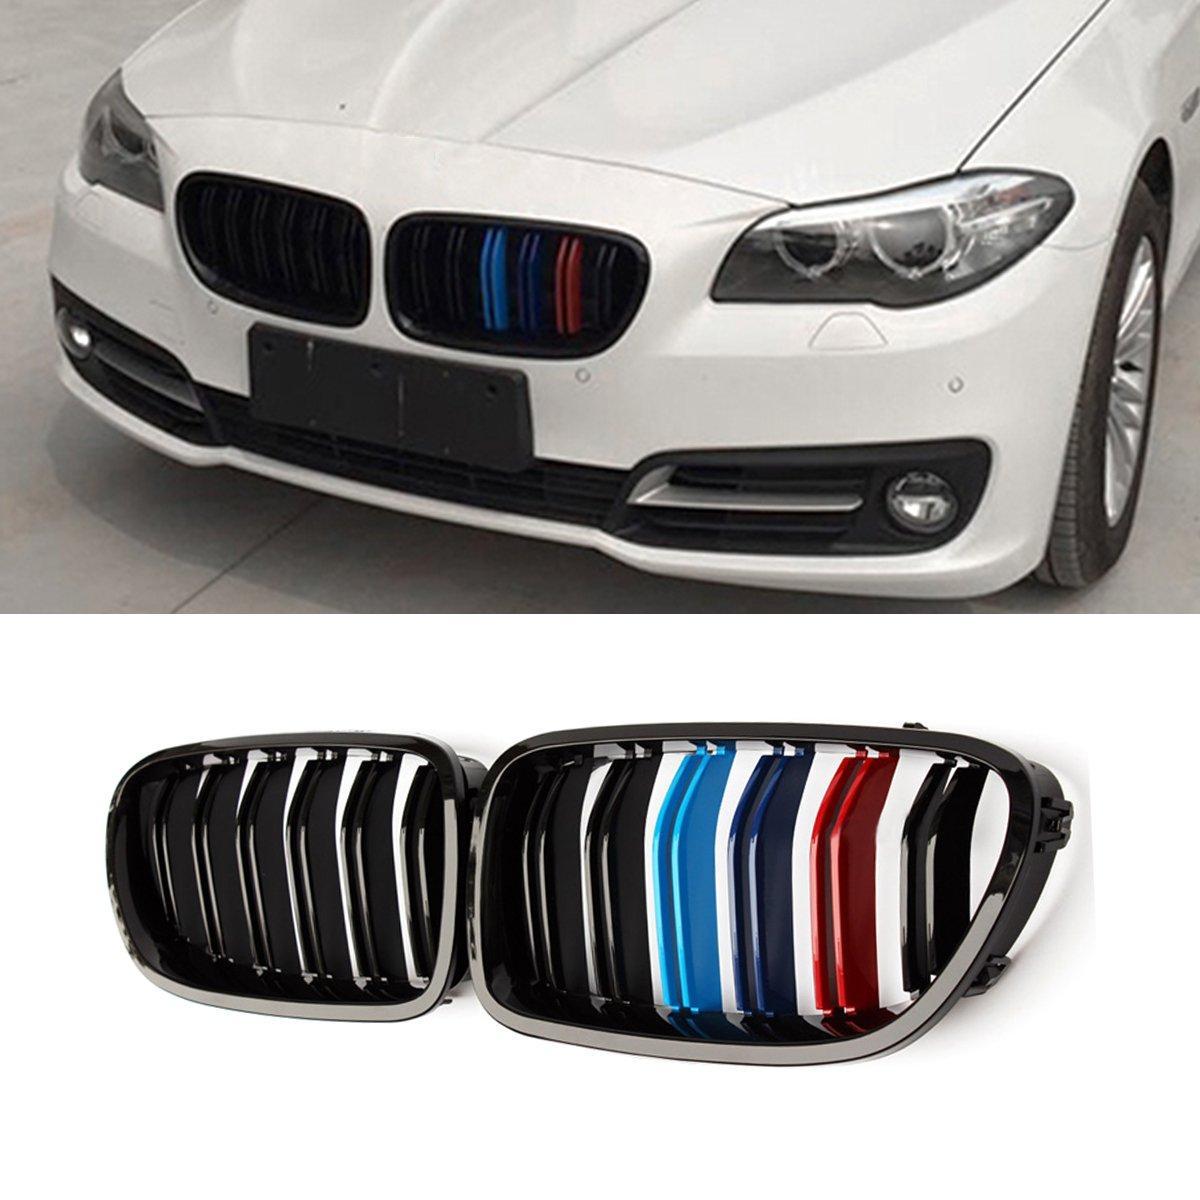 Решетка радиатора ноздри BMW F10 стиль M5 (острые) черный глянц + колор